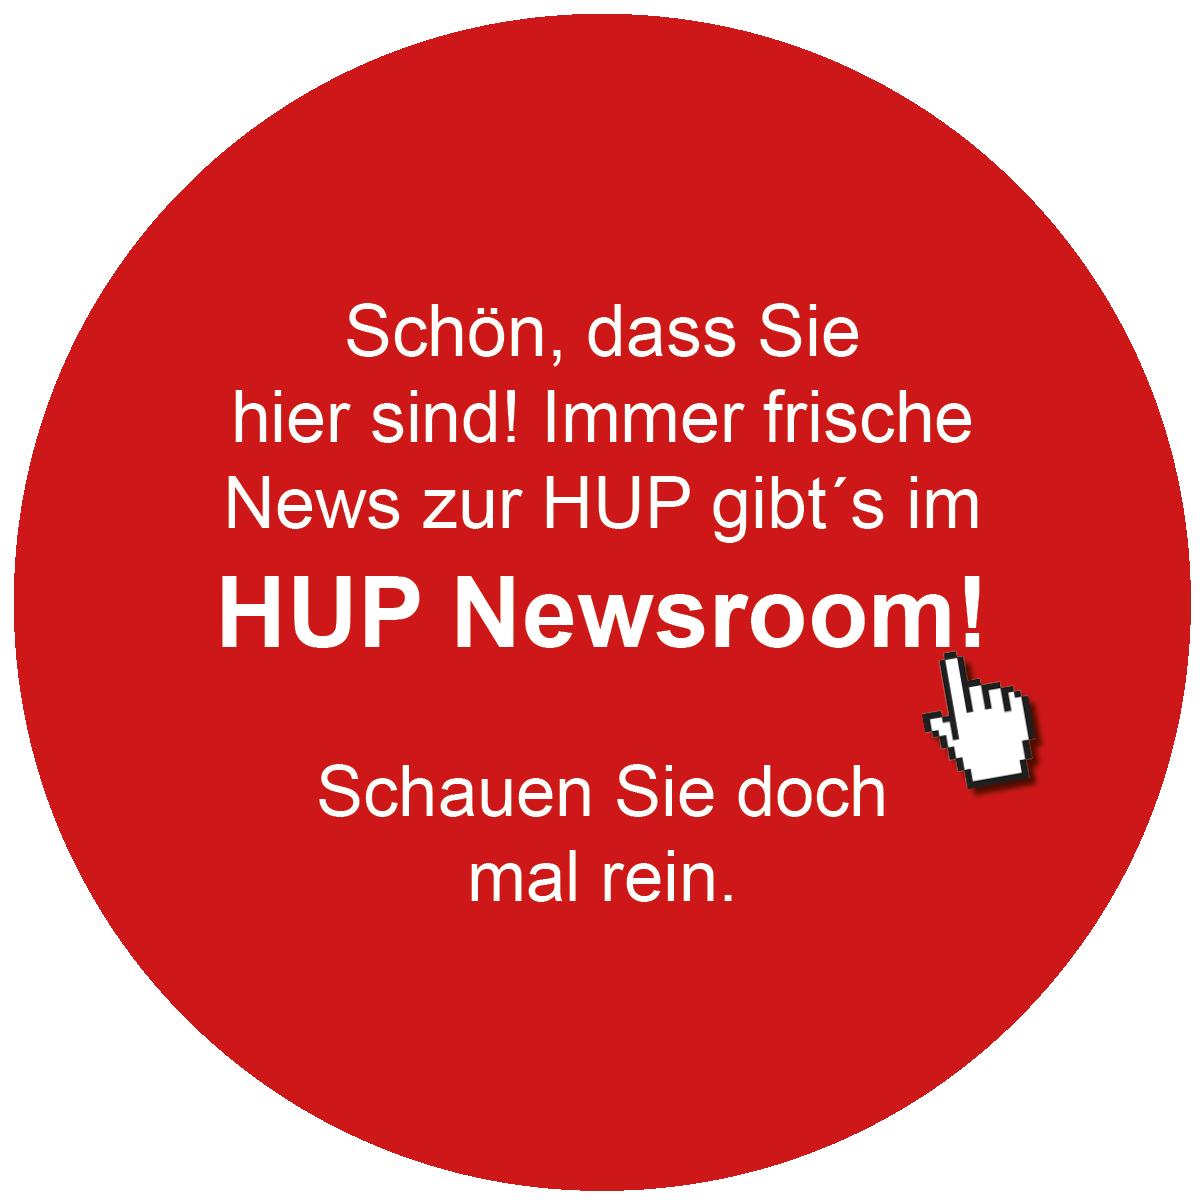 hup_newsroom_ball